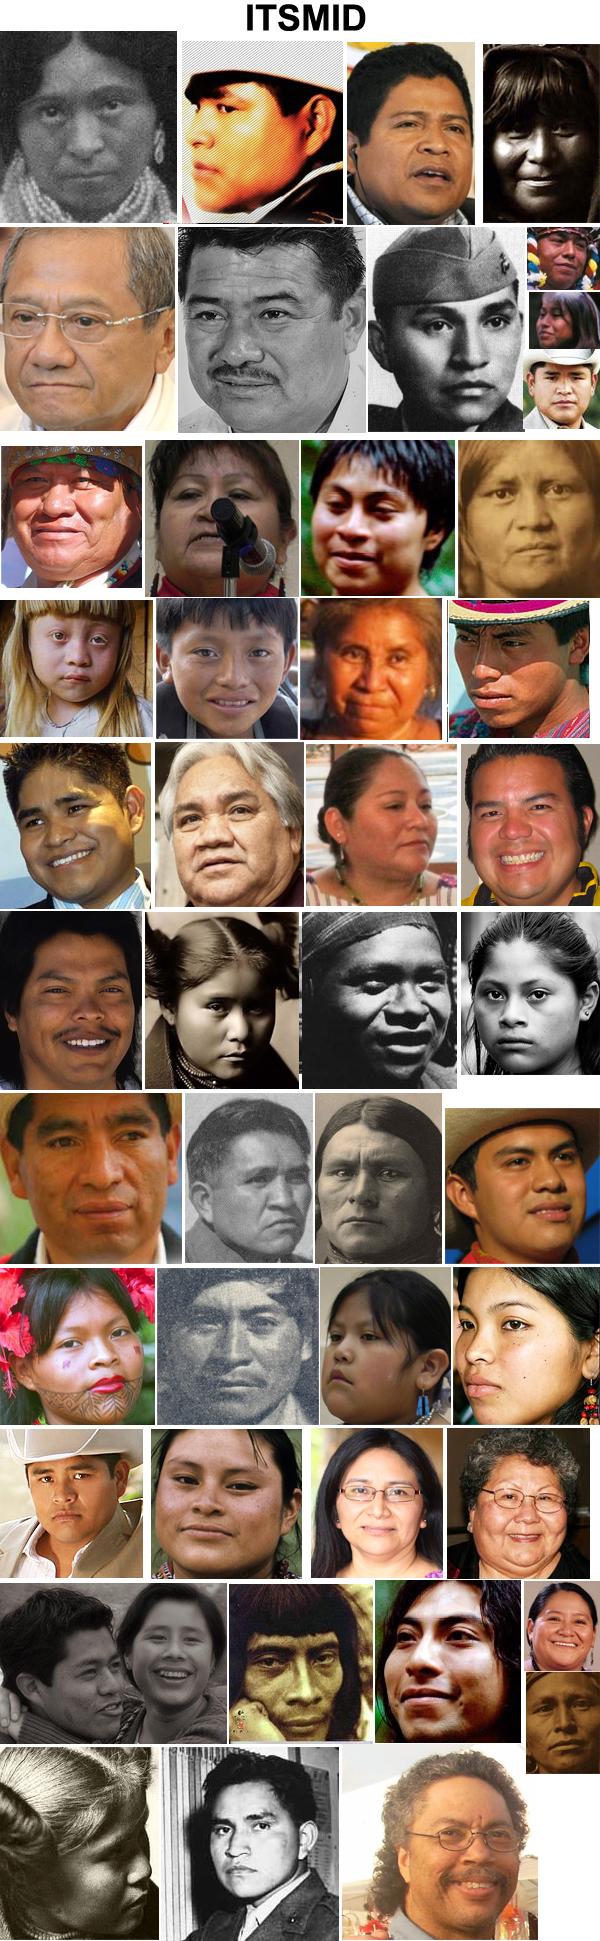 Fenotipos de los amerindios Sc_collage_by_jhda-d4c57xv